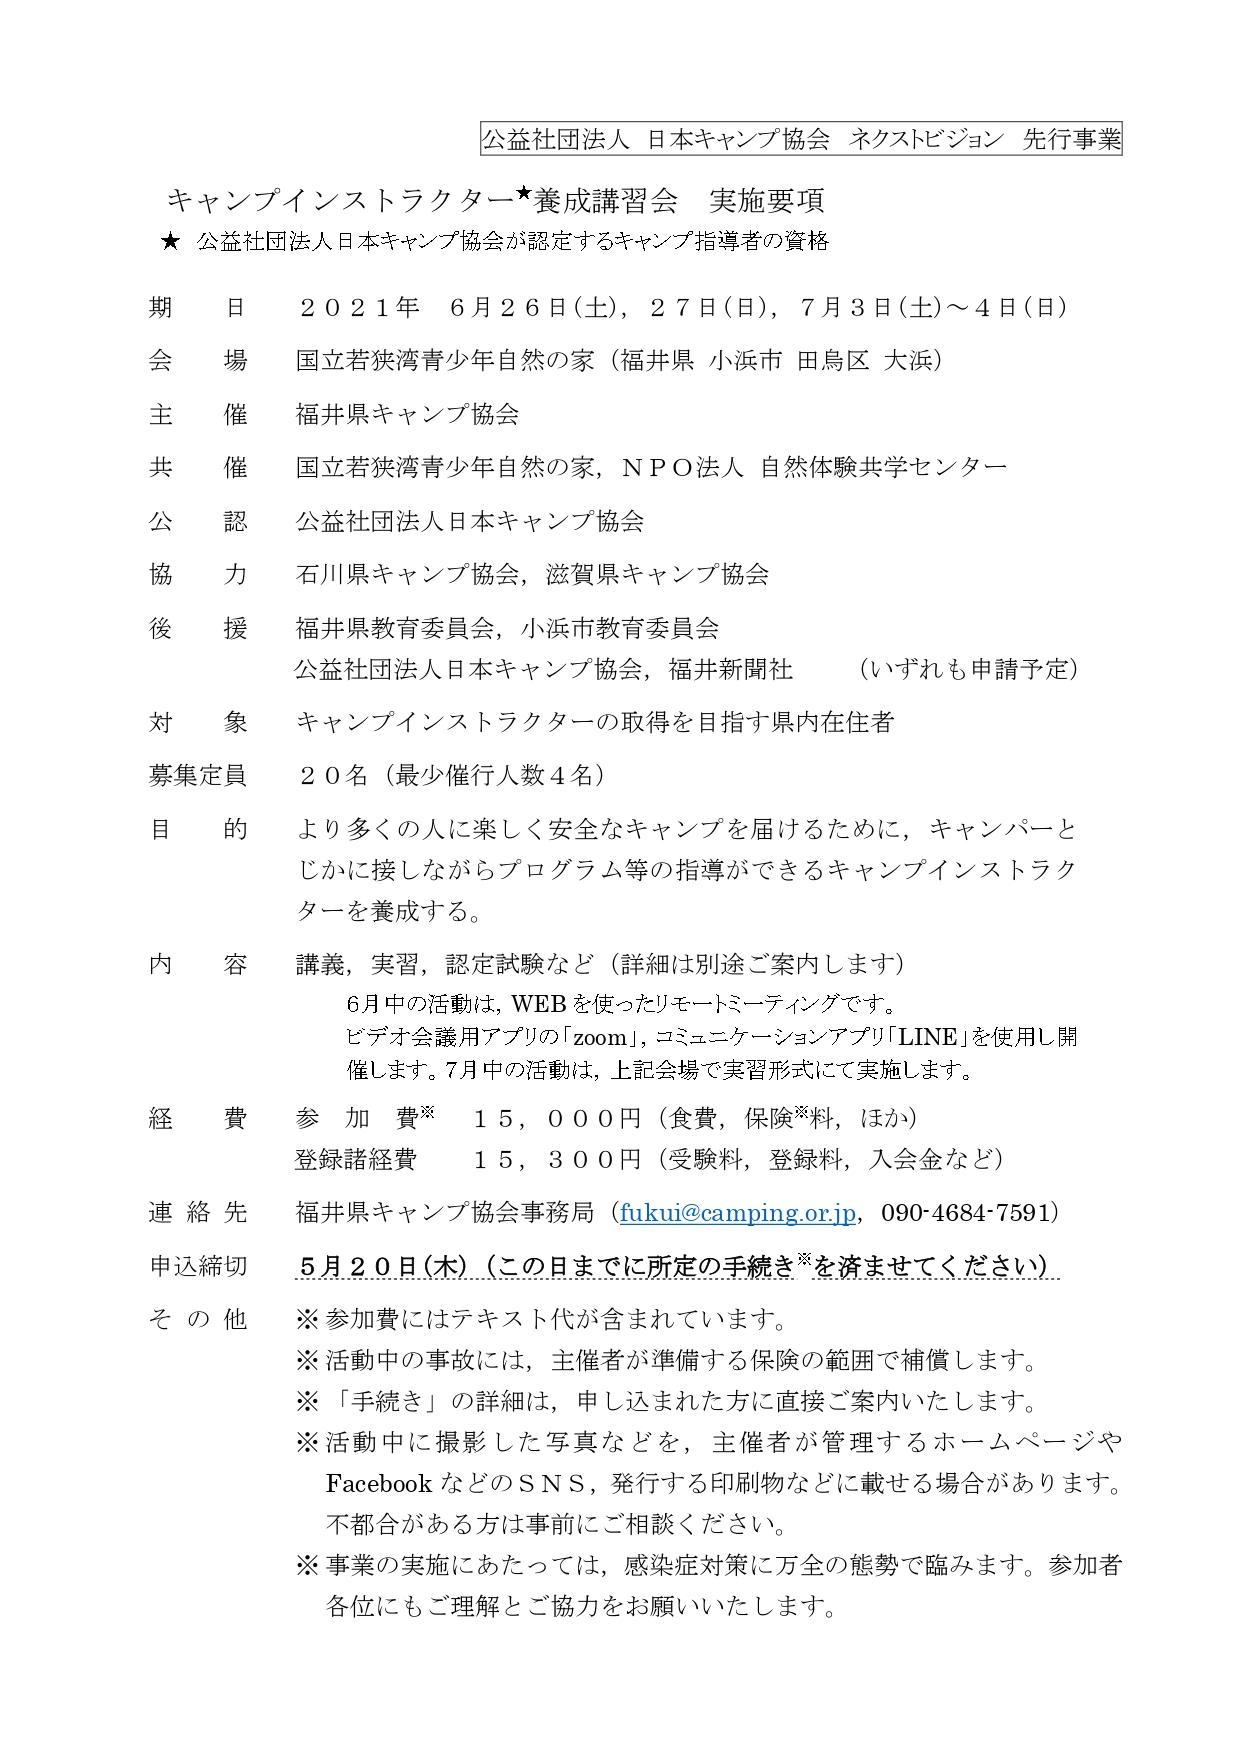 福井:キャンプインストラクター養成講習会(6/26~27&7/3~4) @ Zoom及びLINE